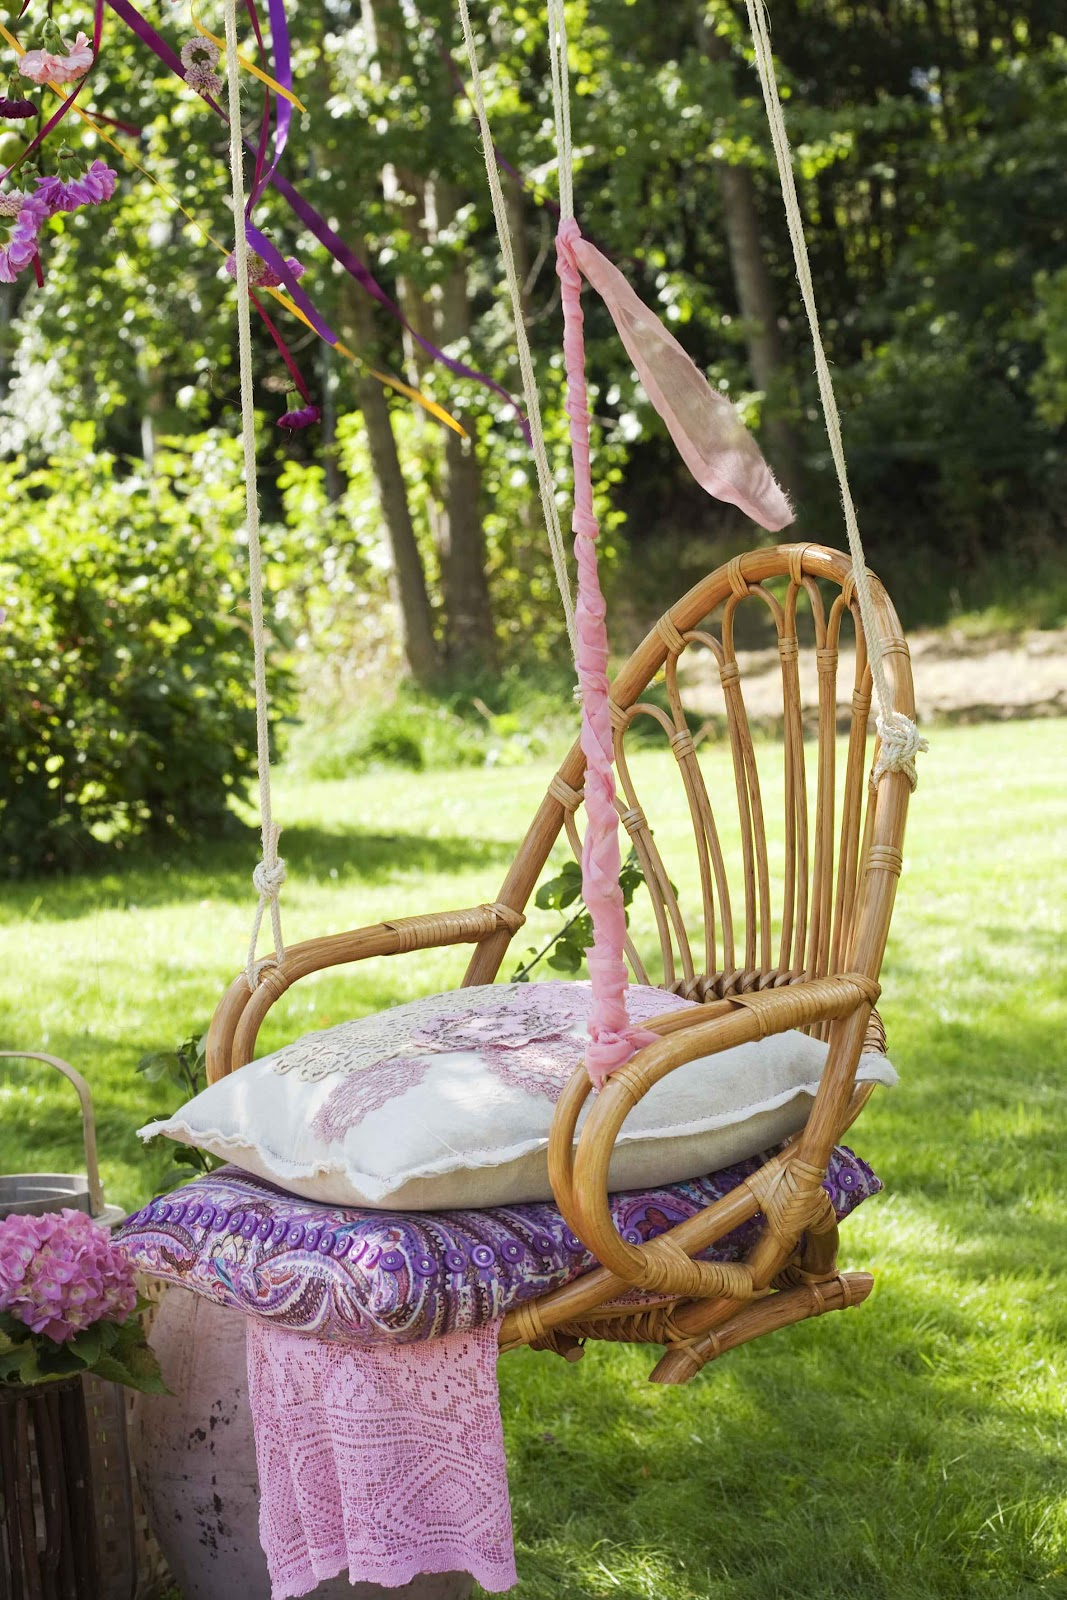 Сидение, сплетенное с лозы, со спинкой обеспечит детям комфортный отдых на качеле